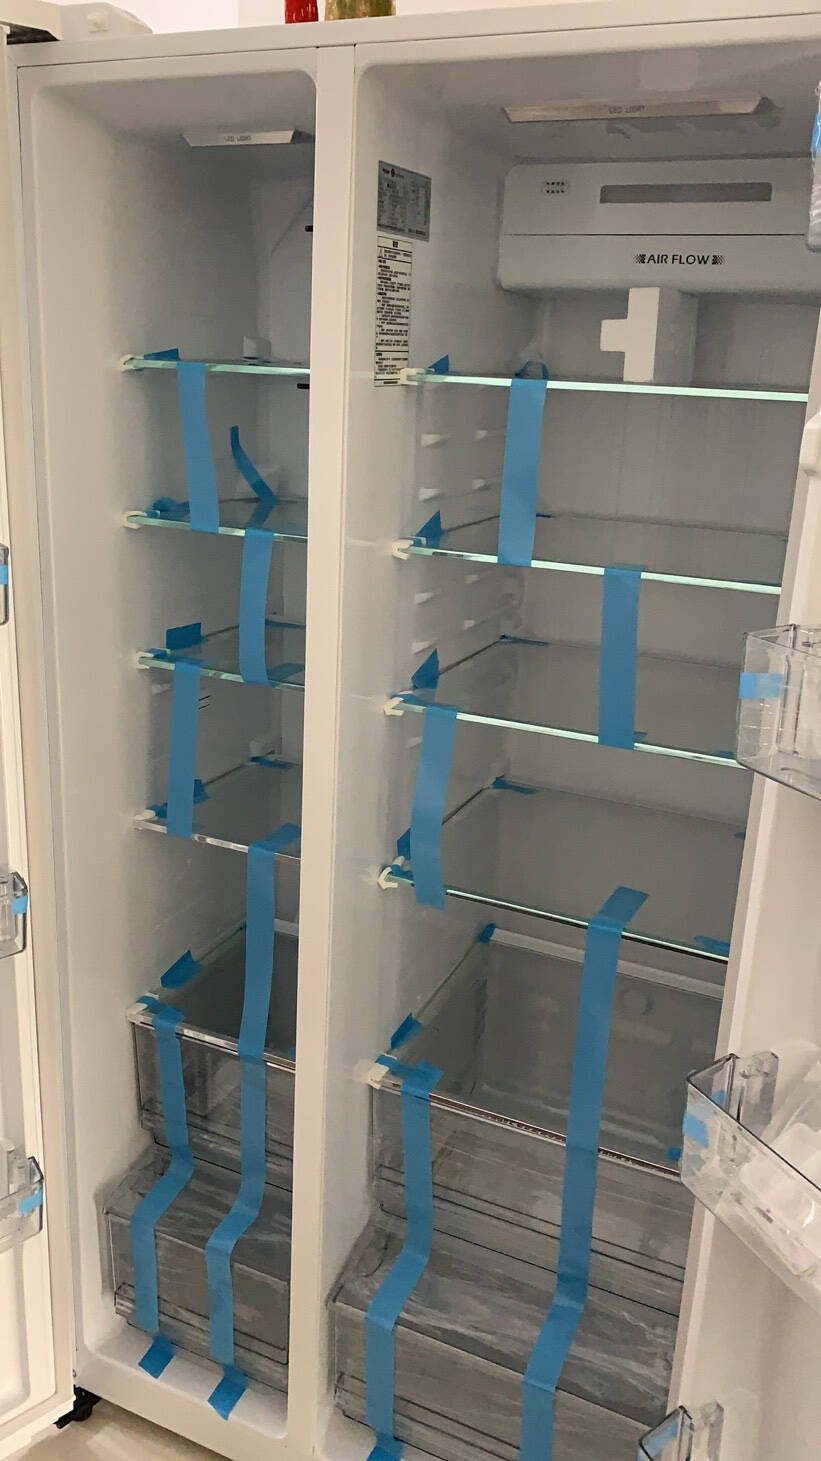 Haier/海尔冰箱528升双开门电冰箱/大容量家用对开门/风冷无霜变频节能静音